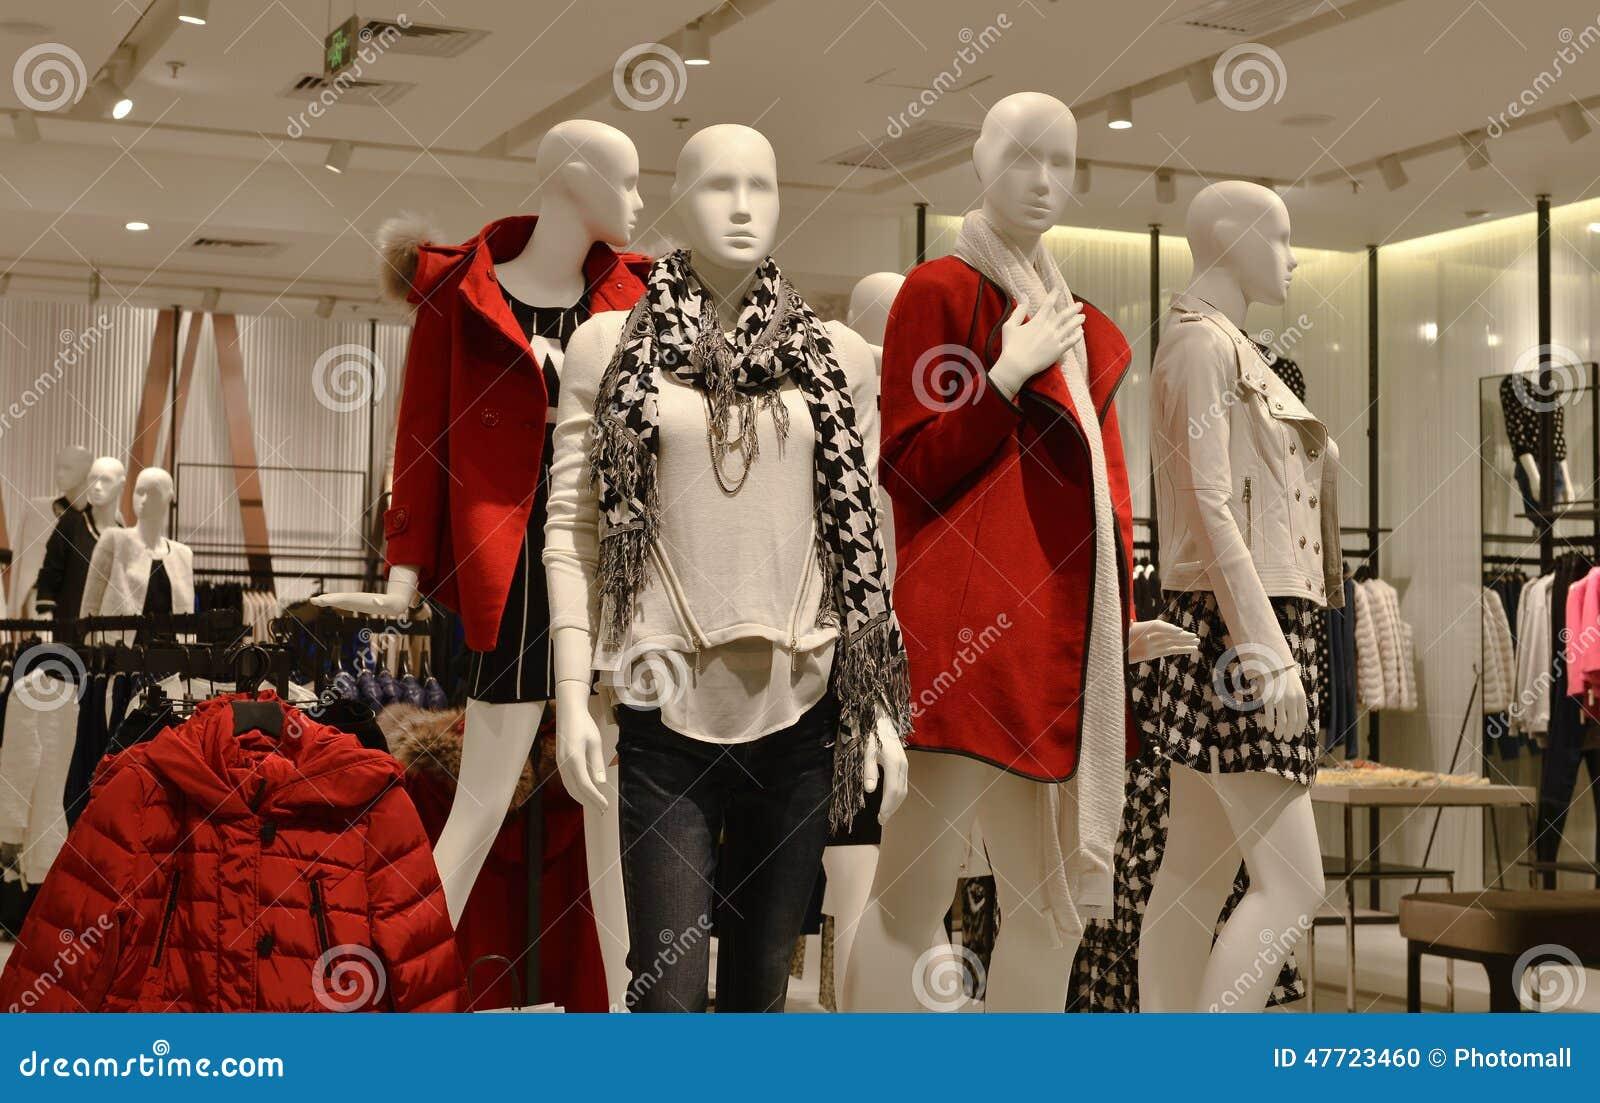 秋天冬天时装的时尚时装模特购物,礼服商店,女装店,